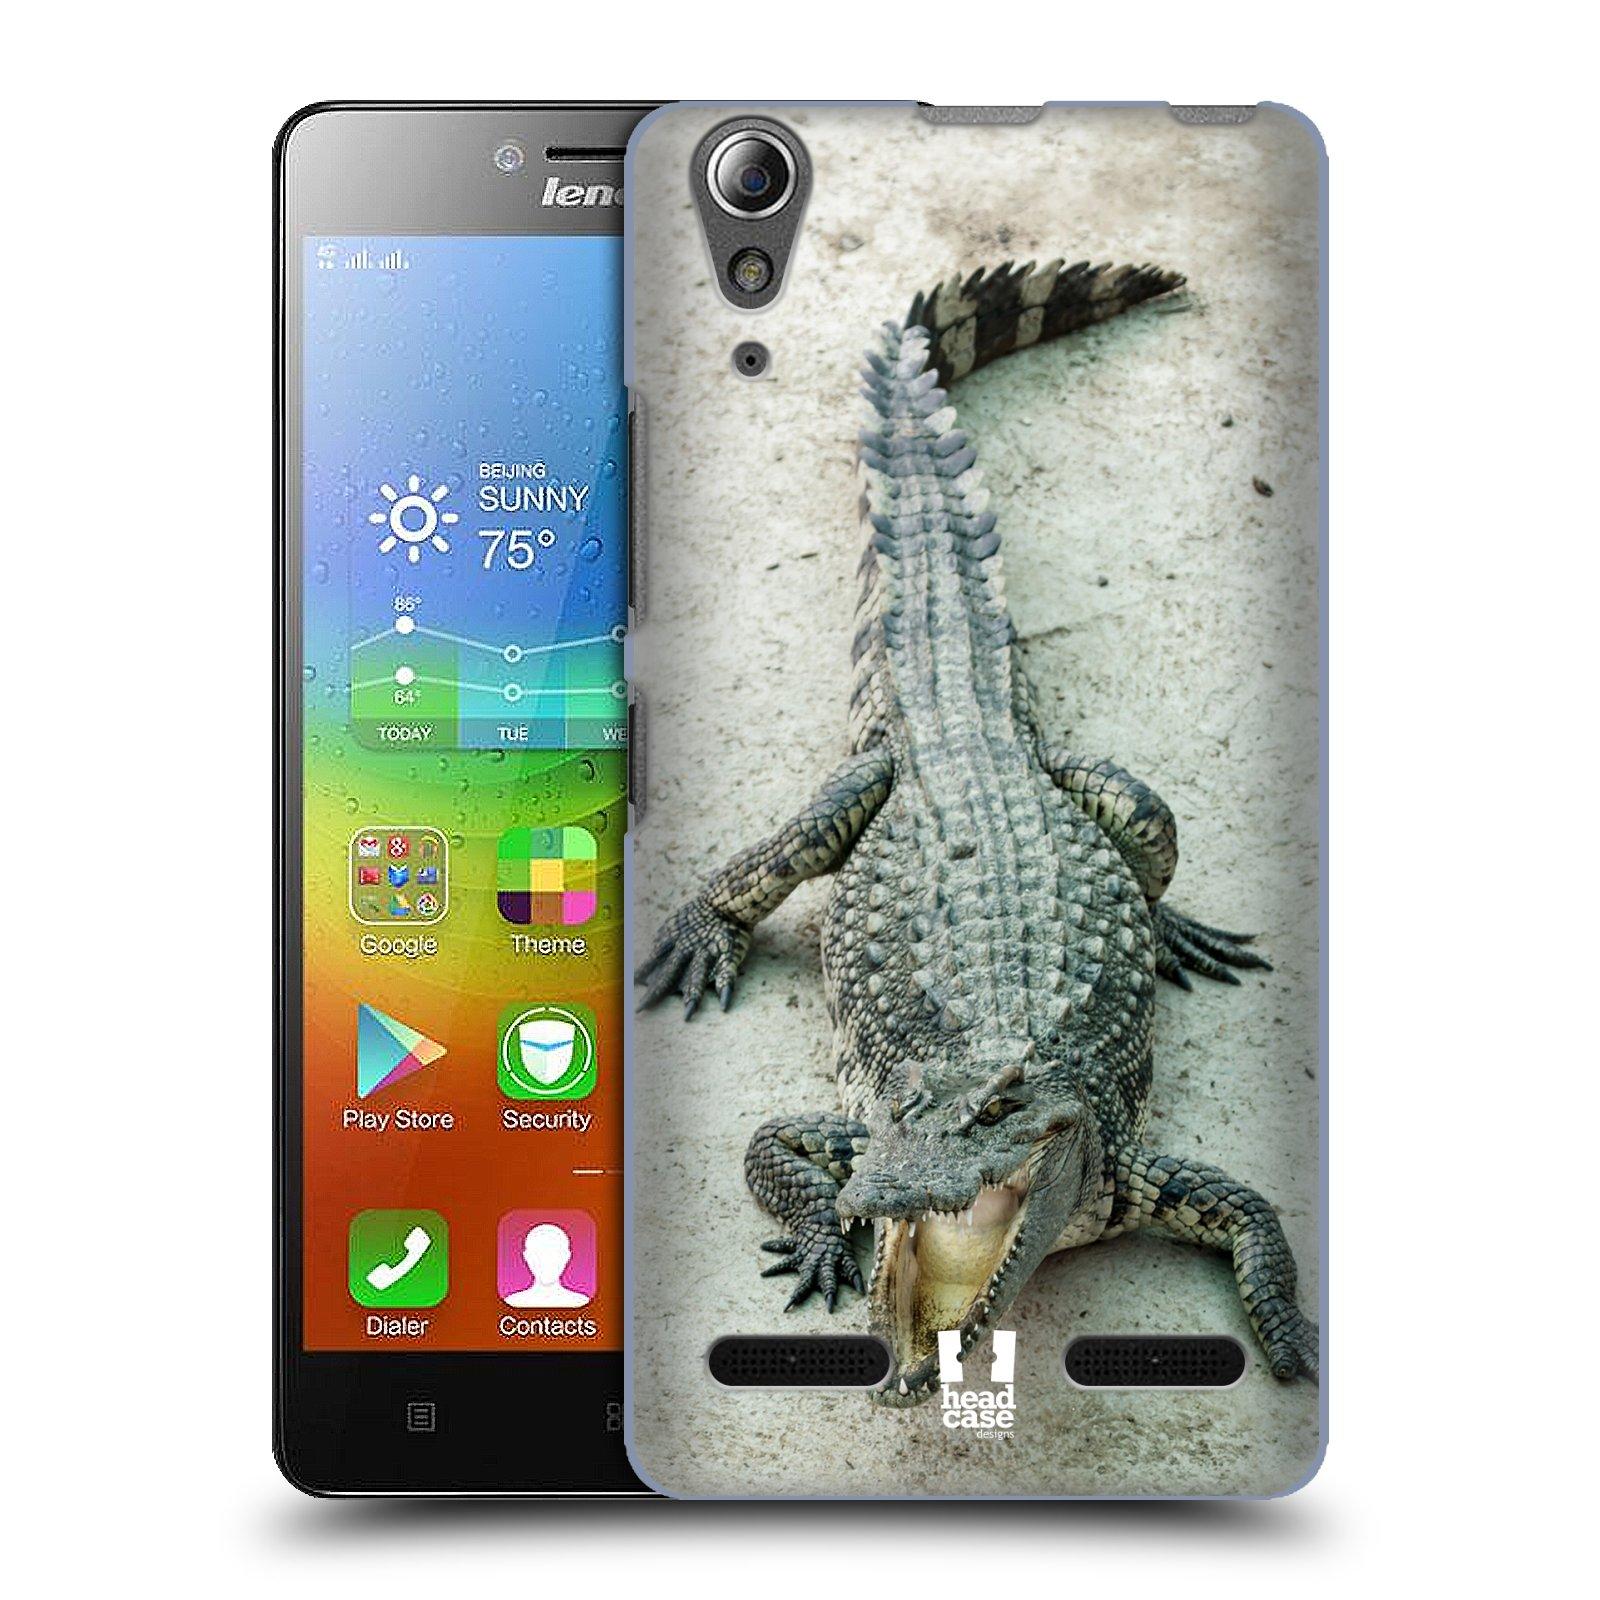 HEAD CASE pevný plastový obal na mobil LENOVO A6000 / A6000 PLUS vzor Divočina, Divoký život a zvířata foto KROKODÝL, KAJMAN